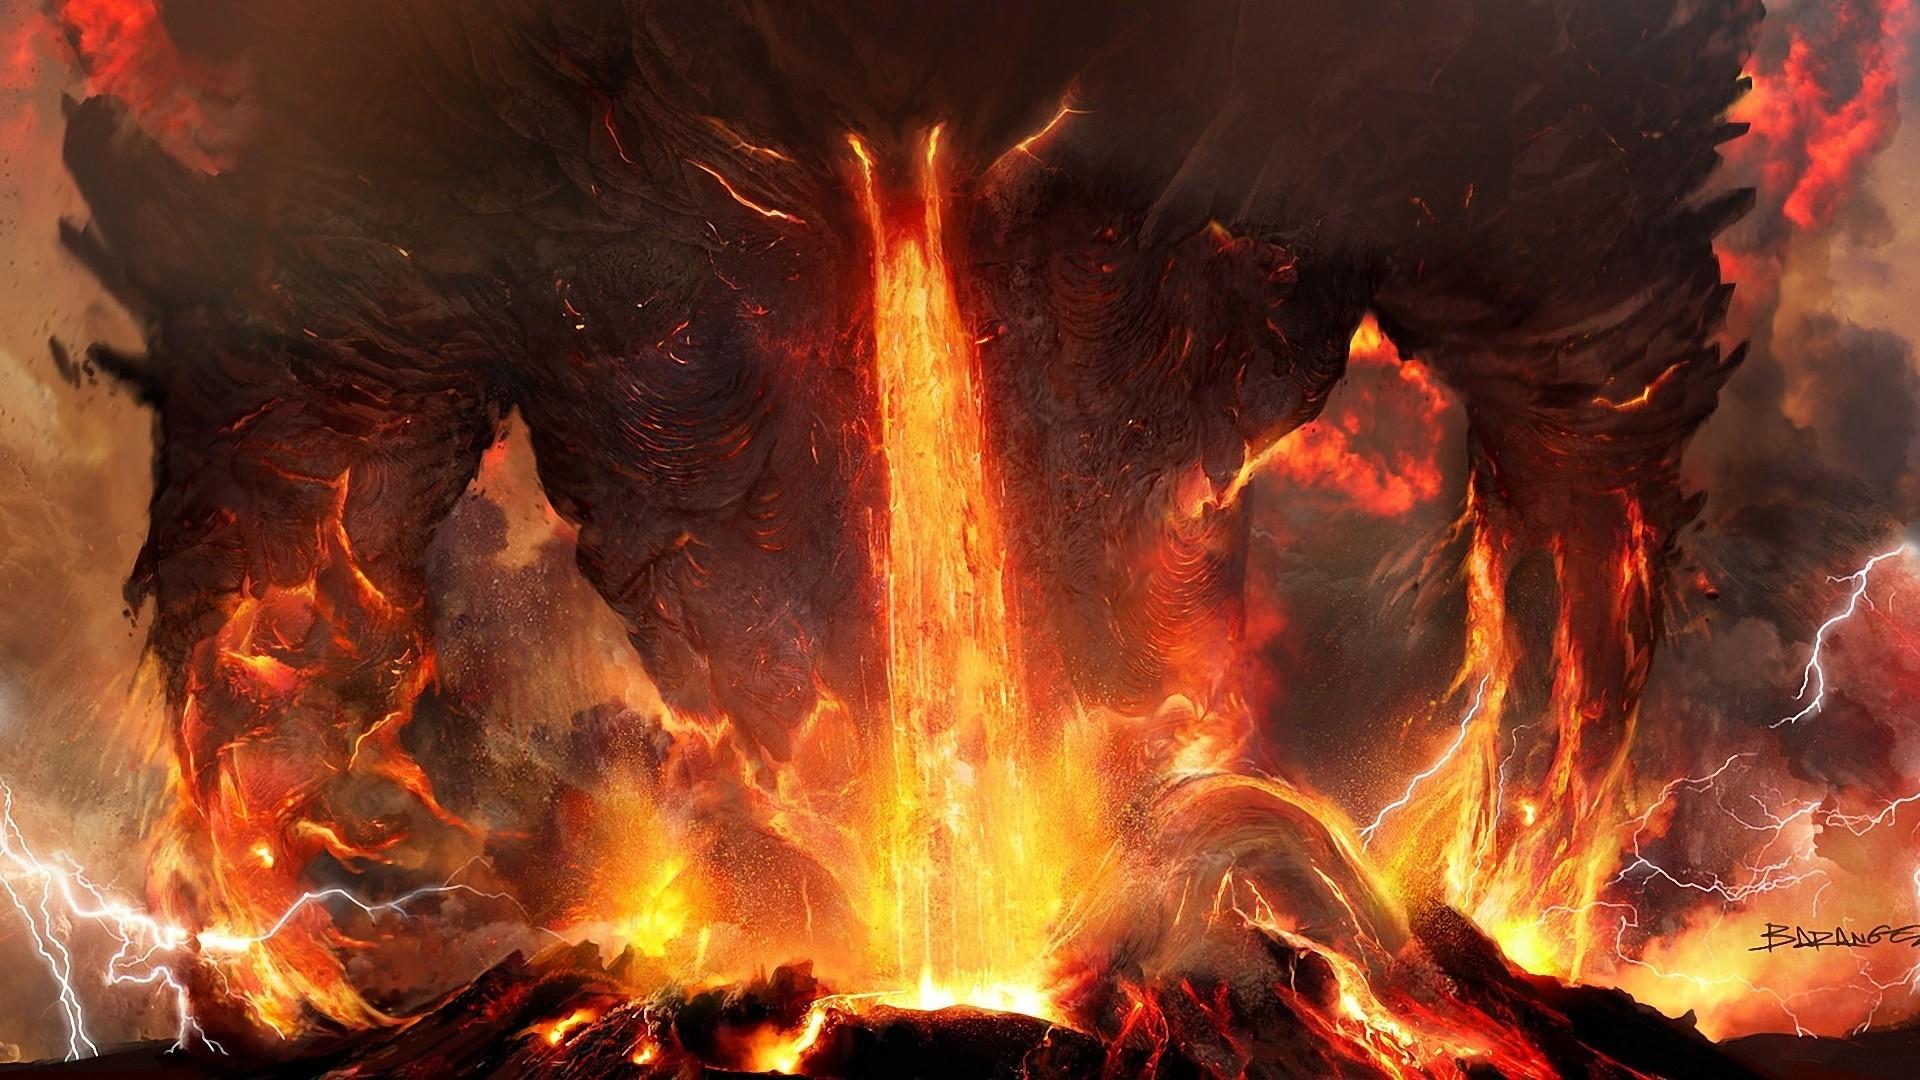 Res: 1920x1080, Art titanium anger fire lightning lava volcano ash demon monster monsters  wallpaper      79353   WallpaperUP